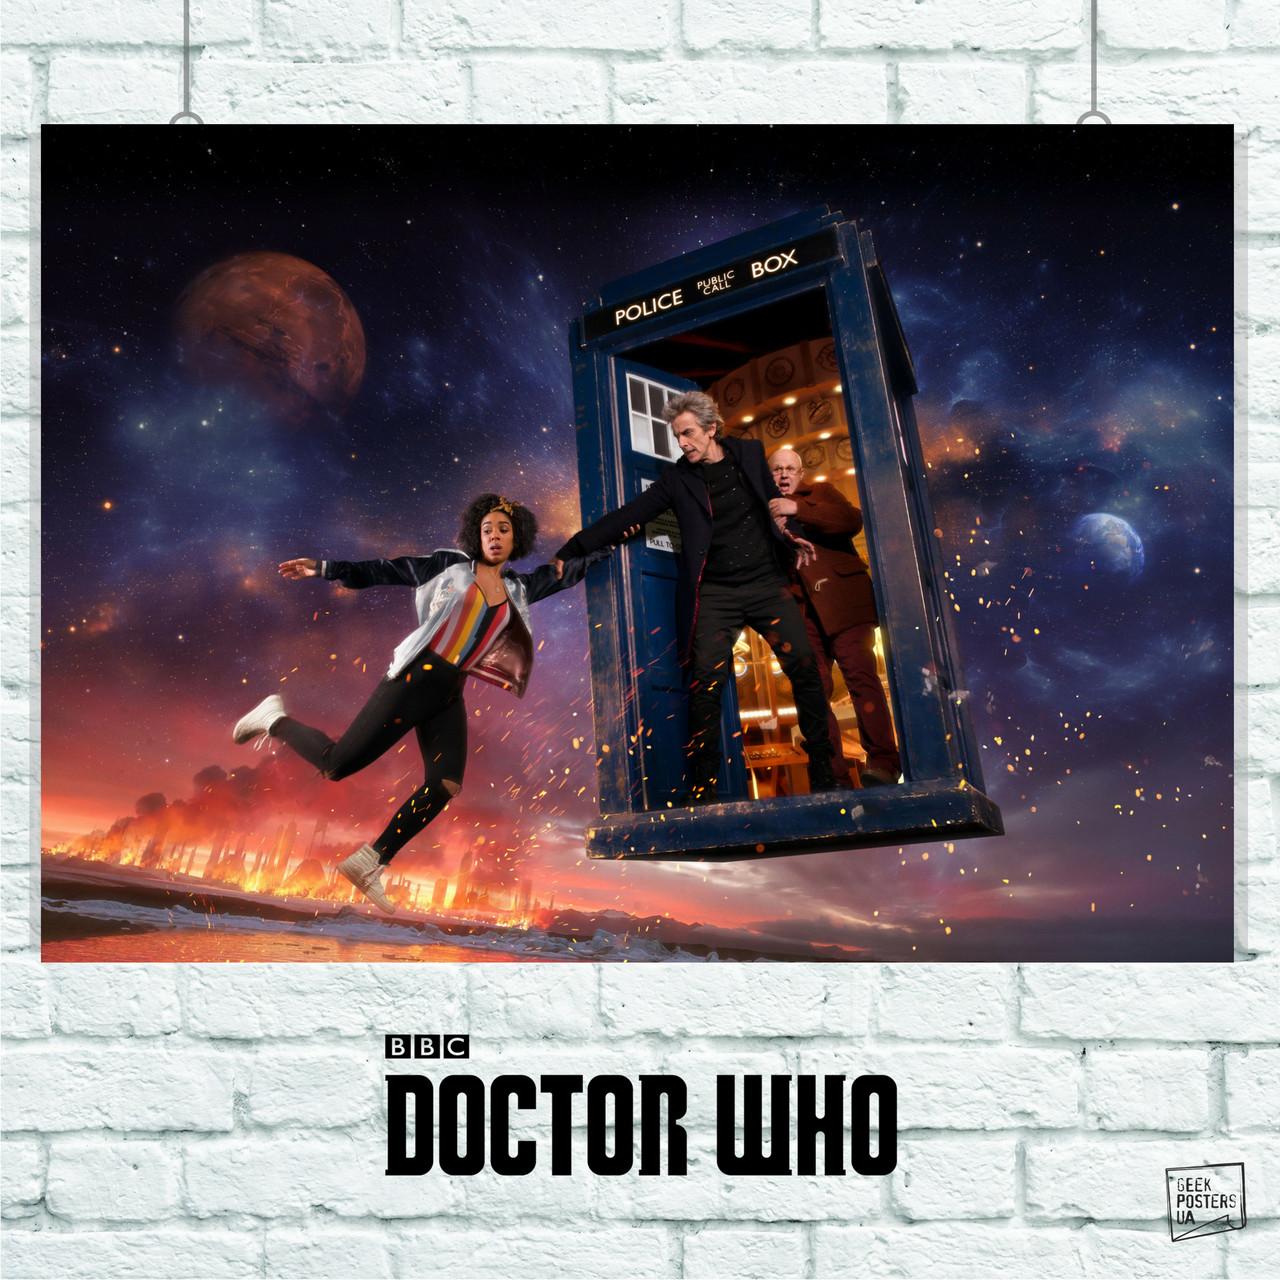 Постер Dr.Who, Доктор Кто, 12-й Доктор и друзья. Размер 60x42см (A2). Глянцевая бумага